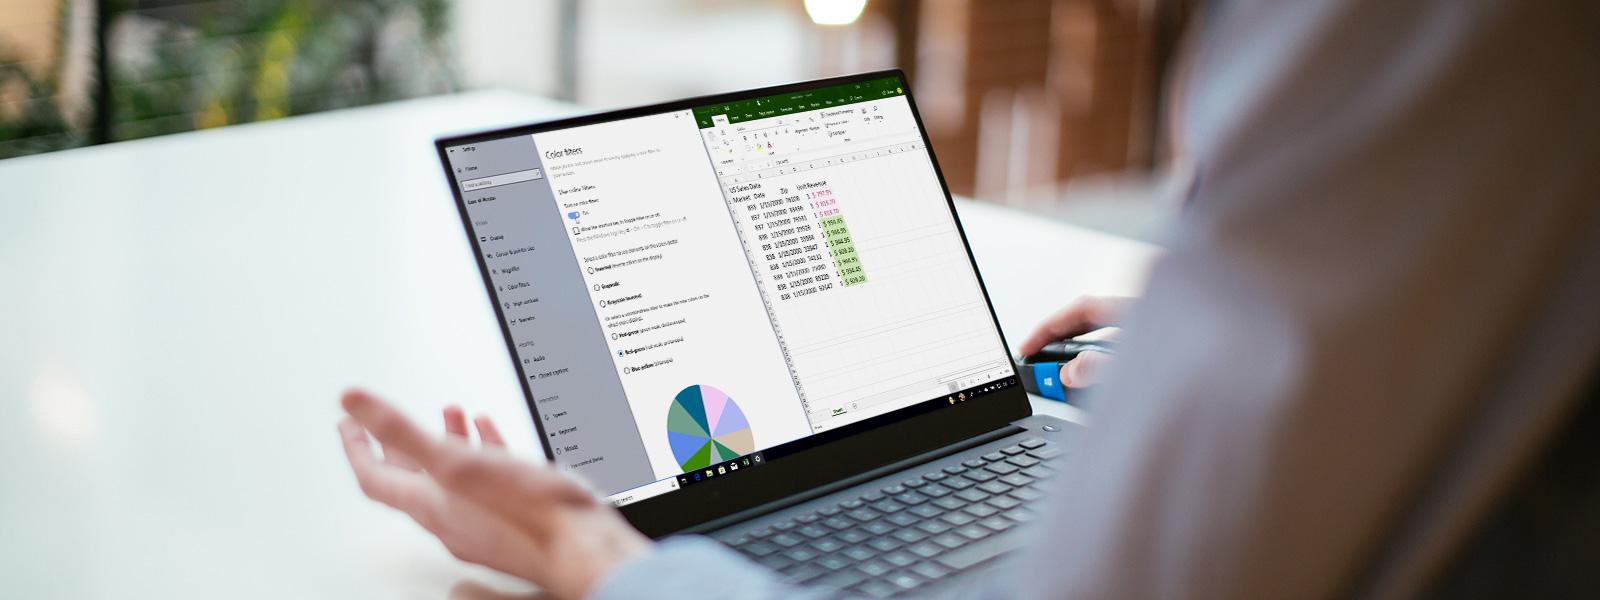 Άτομο που χρησιμοποιεί έναν φορητό υπολογιστή με ενεργοποιημένα φίλτρα χρωμάτων στα Windows 10